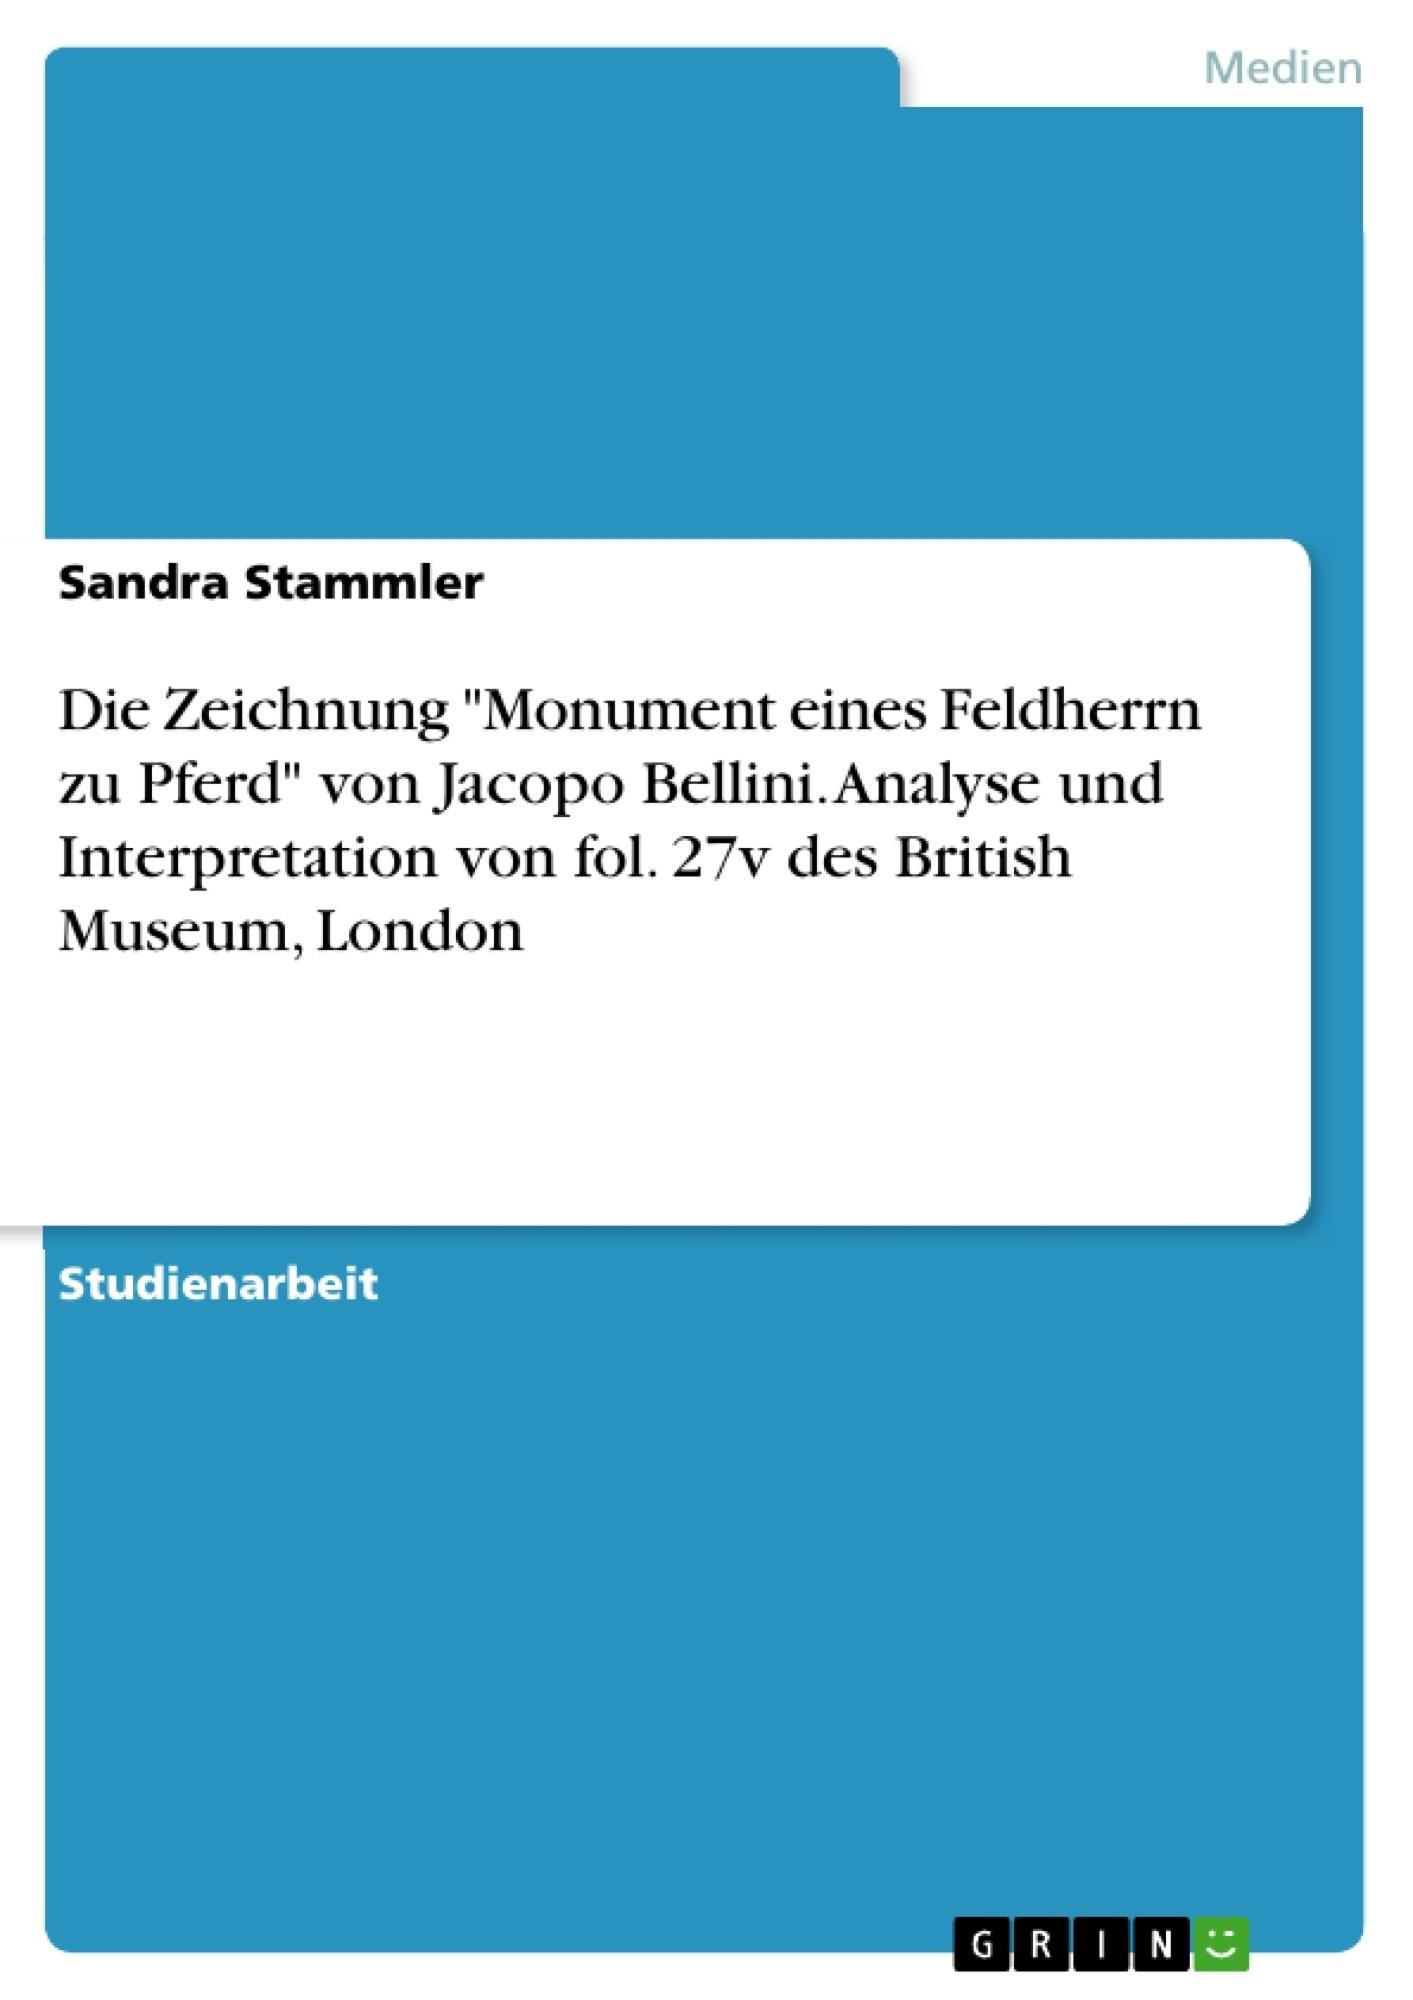 """Titel: Die Zeichnung """"Monument eines Feldherrn zu Pferd"""" von Jacopo Bellini. Analyse und Interpretation von fol. 27v des British Museum, London"""